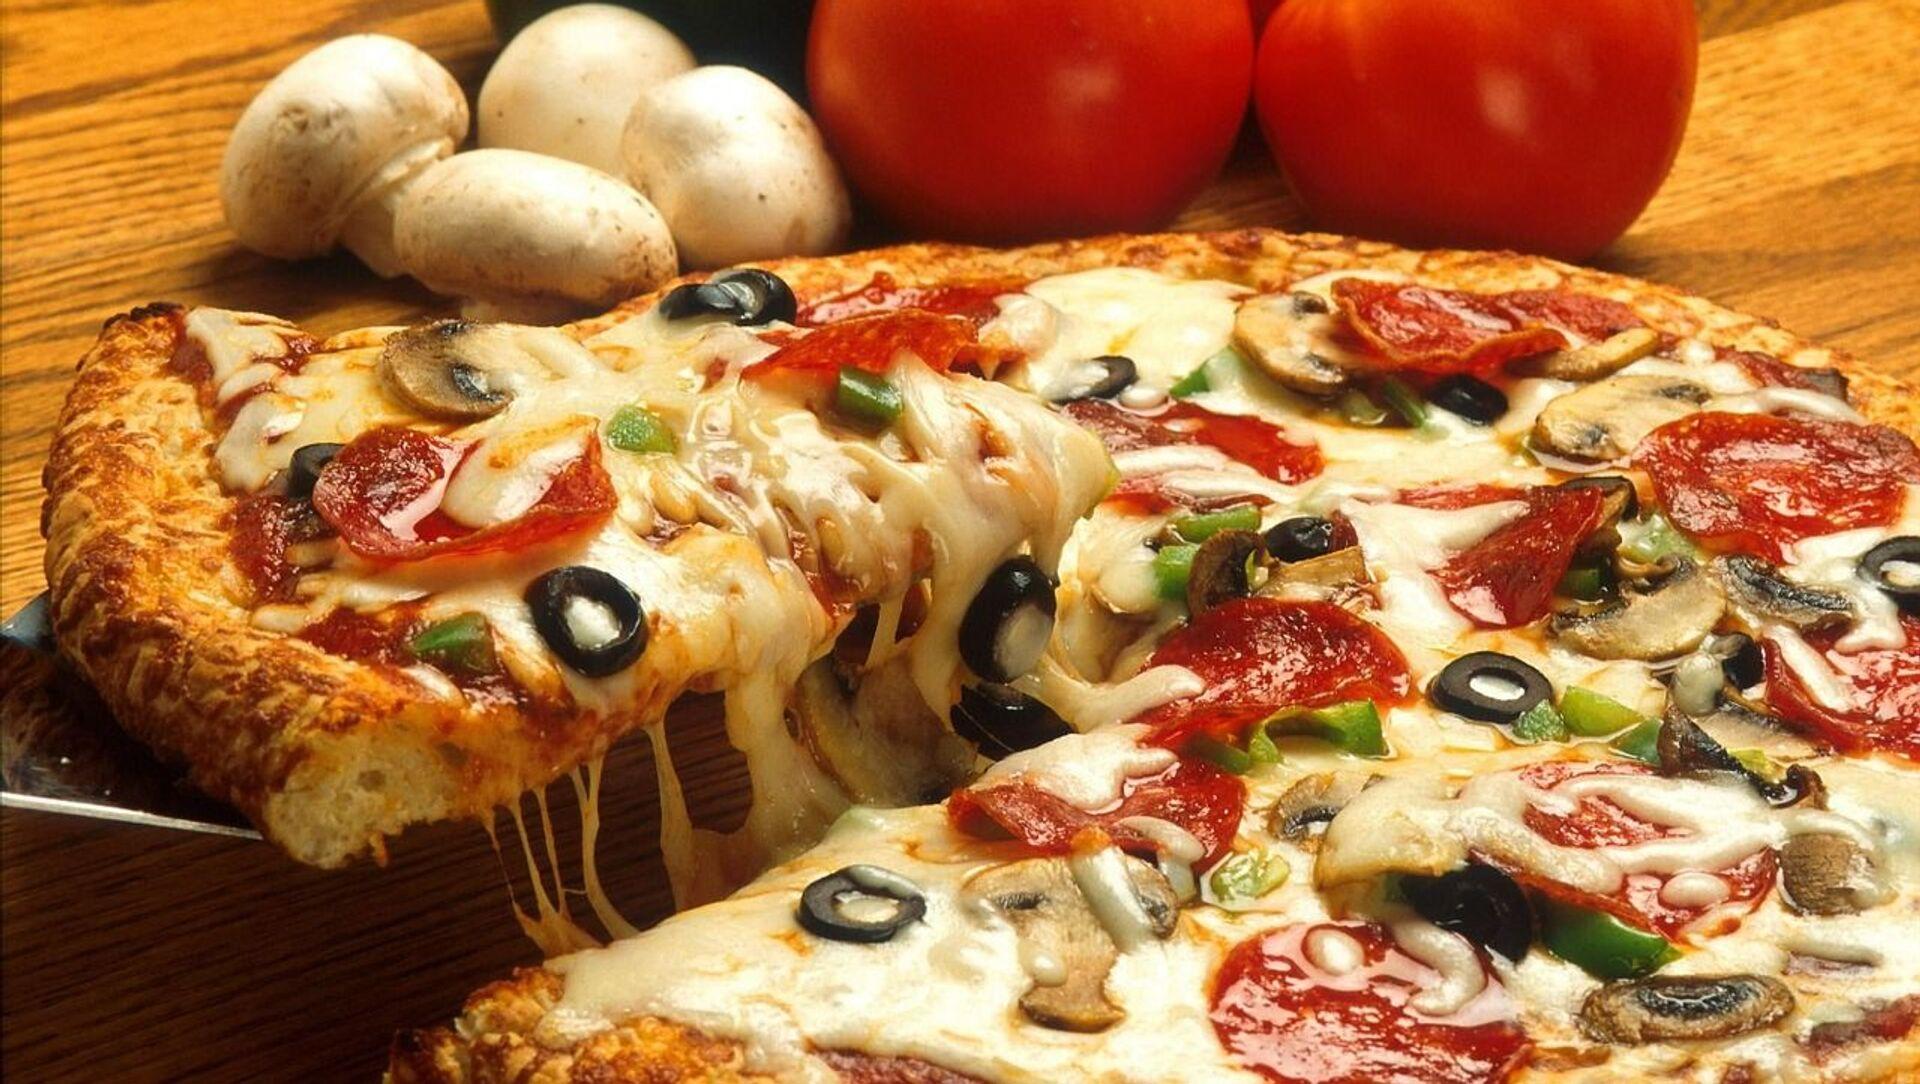 Pizza - Sputnik Mundo, 1920, 07.11.2020